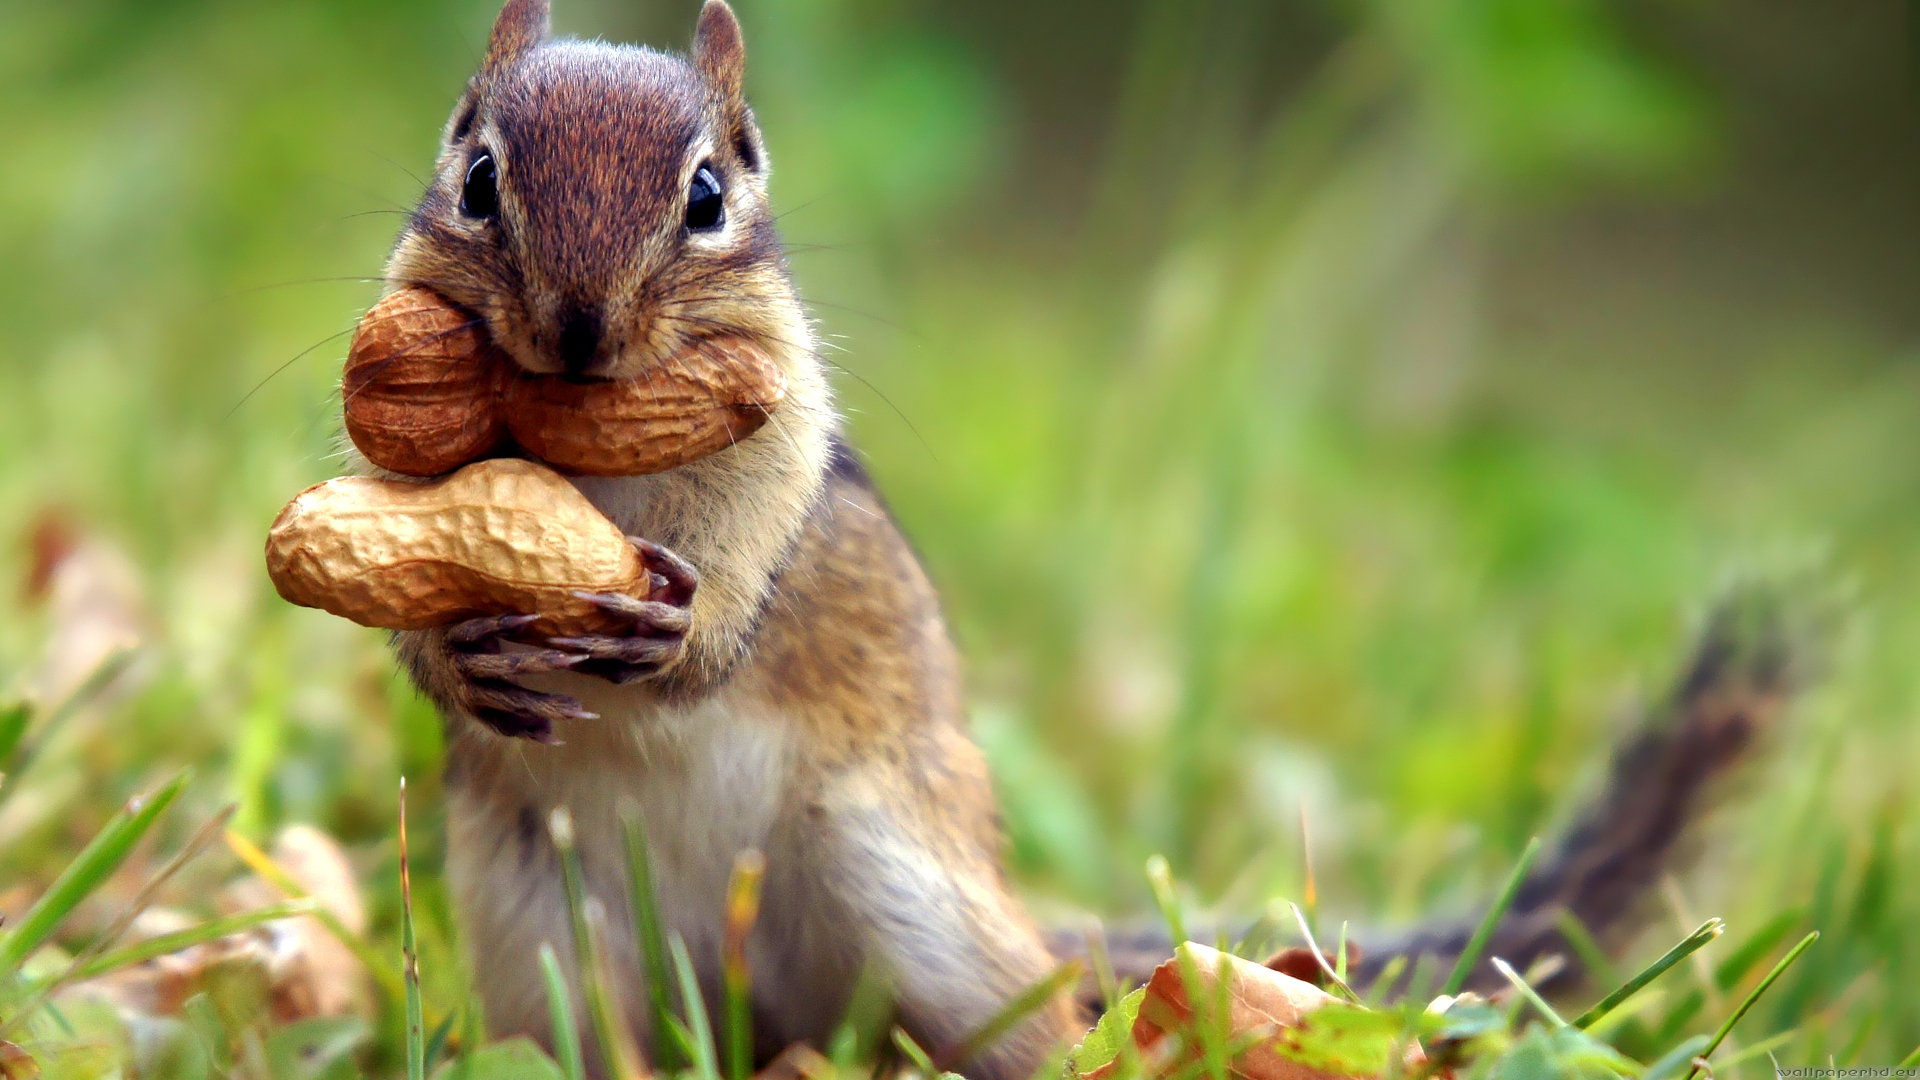 squirrel_2-1920x1080.jpg